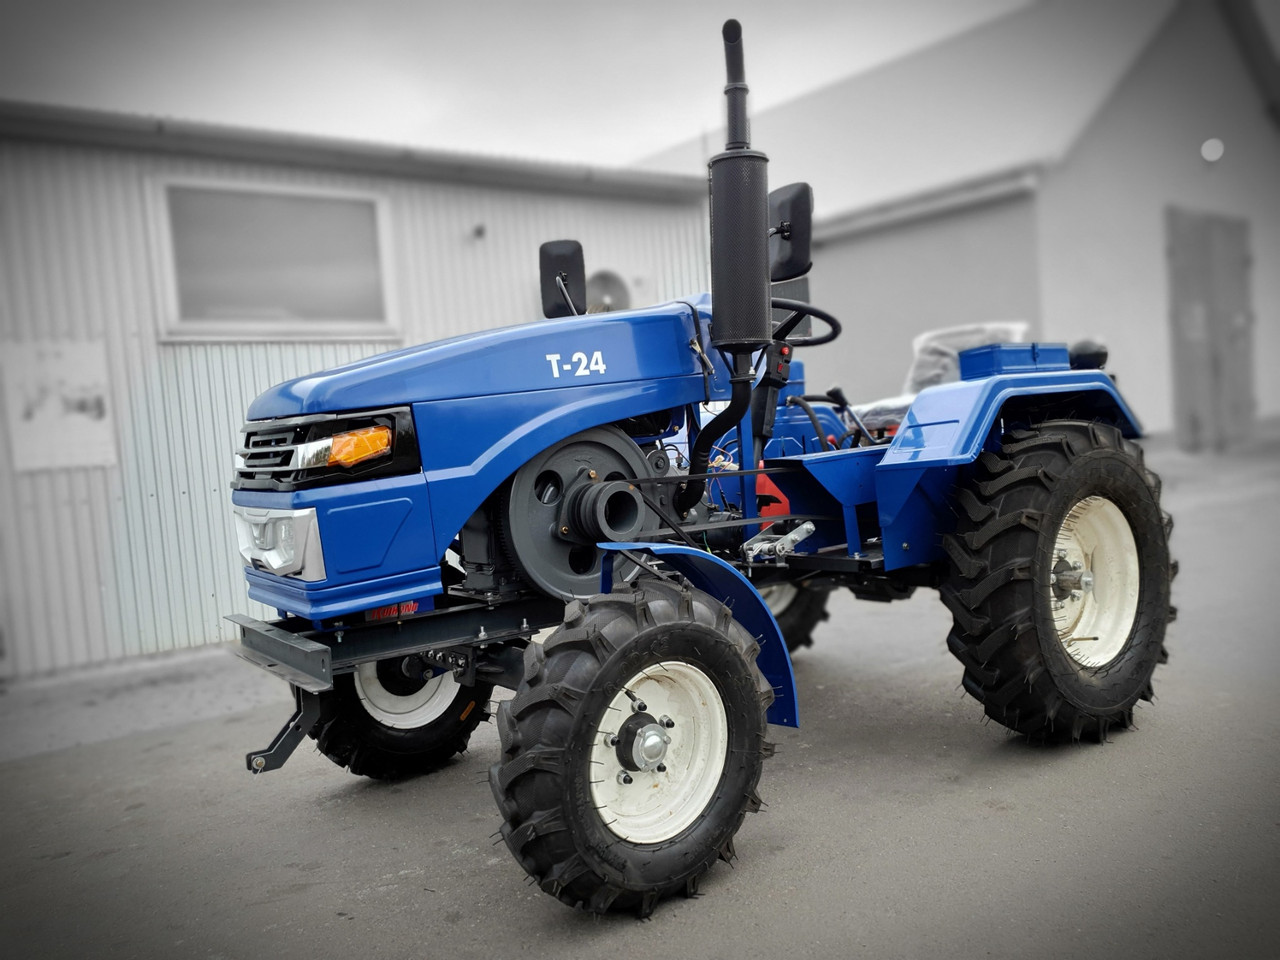 Большой, мощный мототрактор Т-24, 24 лс, почвофреза 140 см, двухкорпусный плуг, лучший минитрактор, супер цена